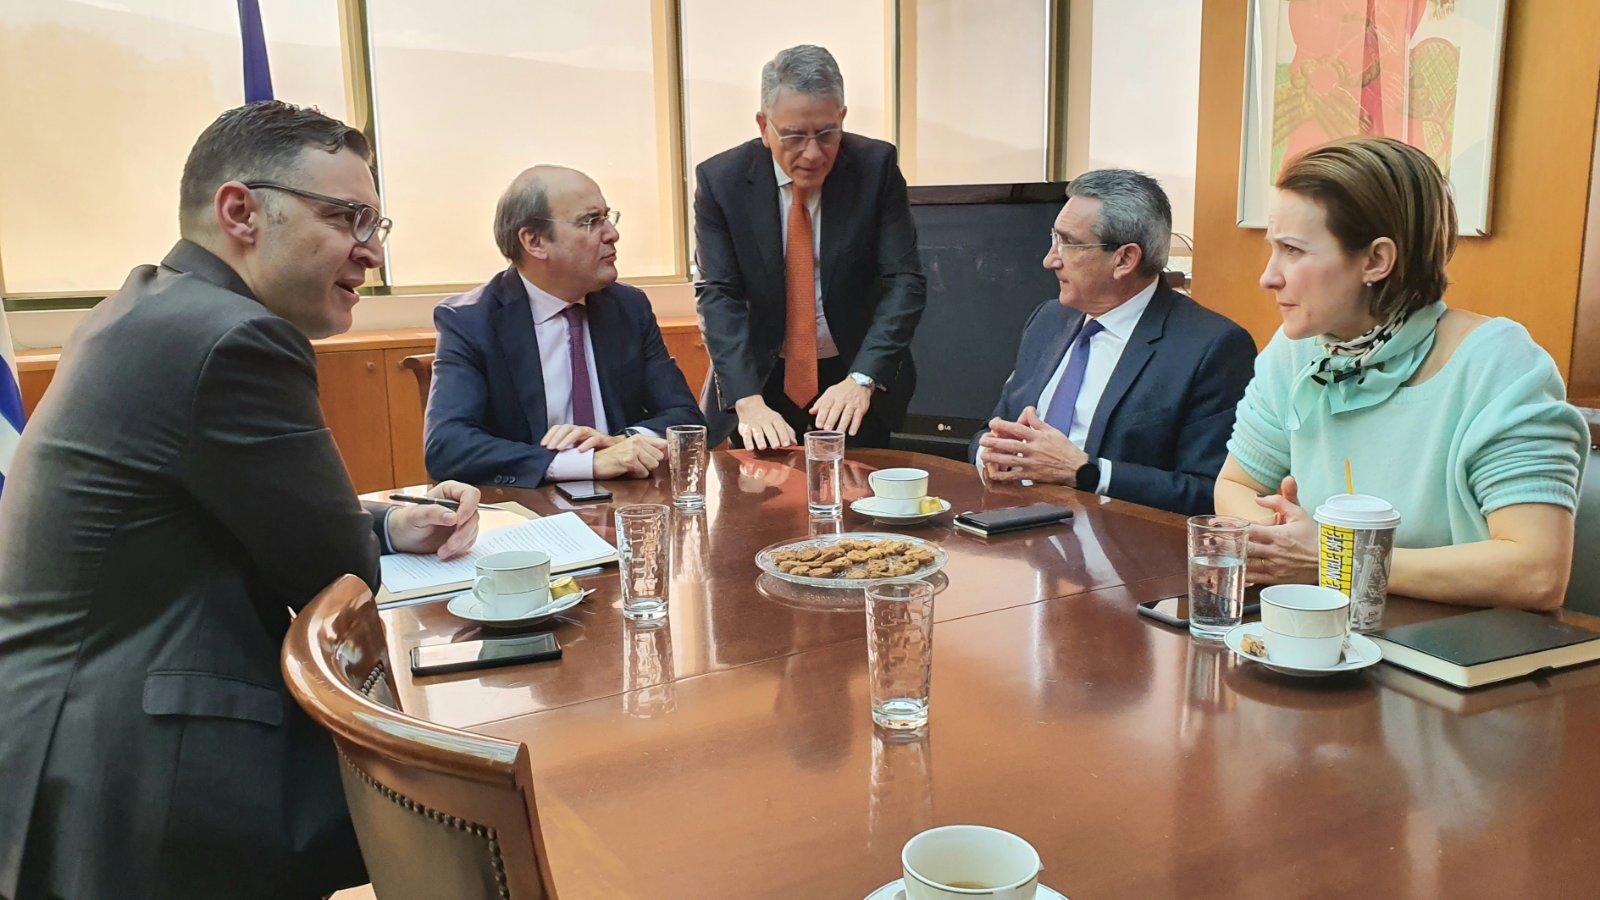 Άμεση αναθεώρηση του Ειδικού Χωροταξικού Πλαισίου των ΑΠΕ ζήτησαν ο Περιφερειάρχης Νοτίου Αιγαίου και ο Δήμαρχος Τήνου